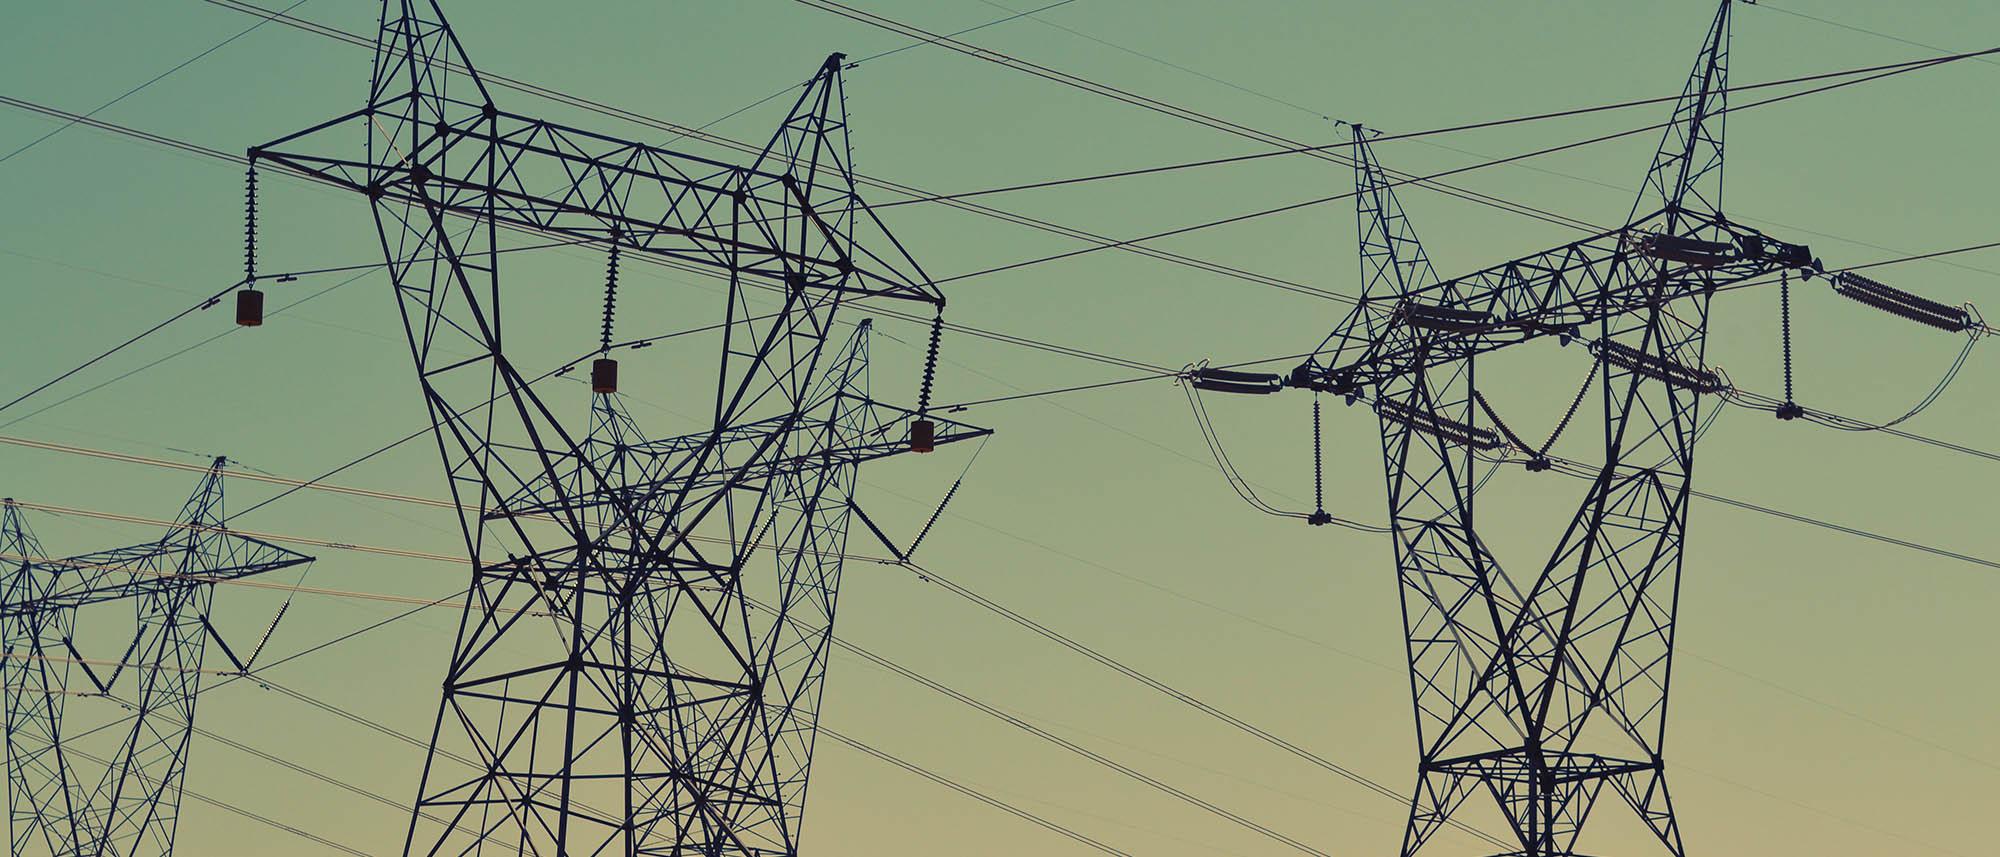 torre-electricidad